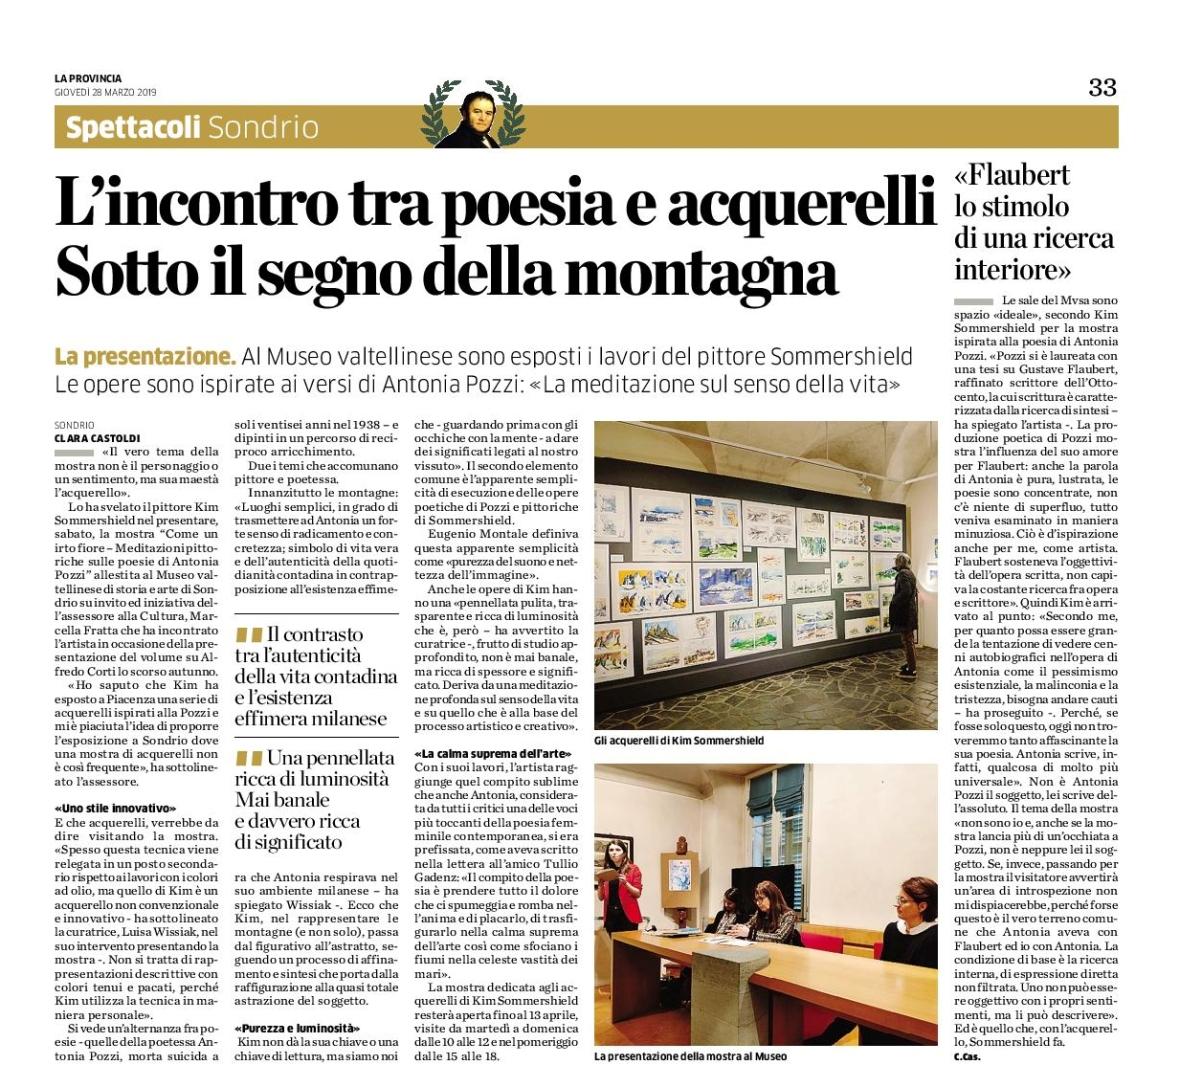 Kim LA_PROVINCIA_DI_SONDRIO_28_03_2019 (2)-page-001